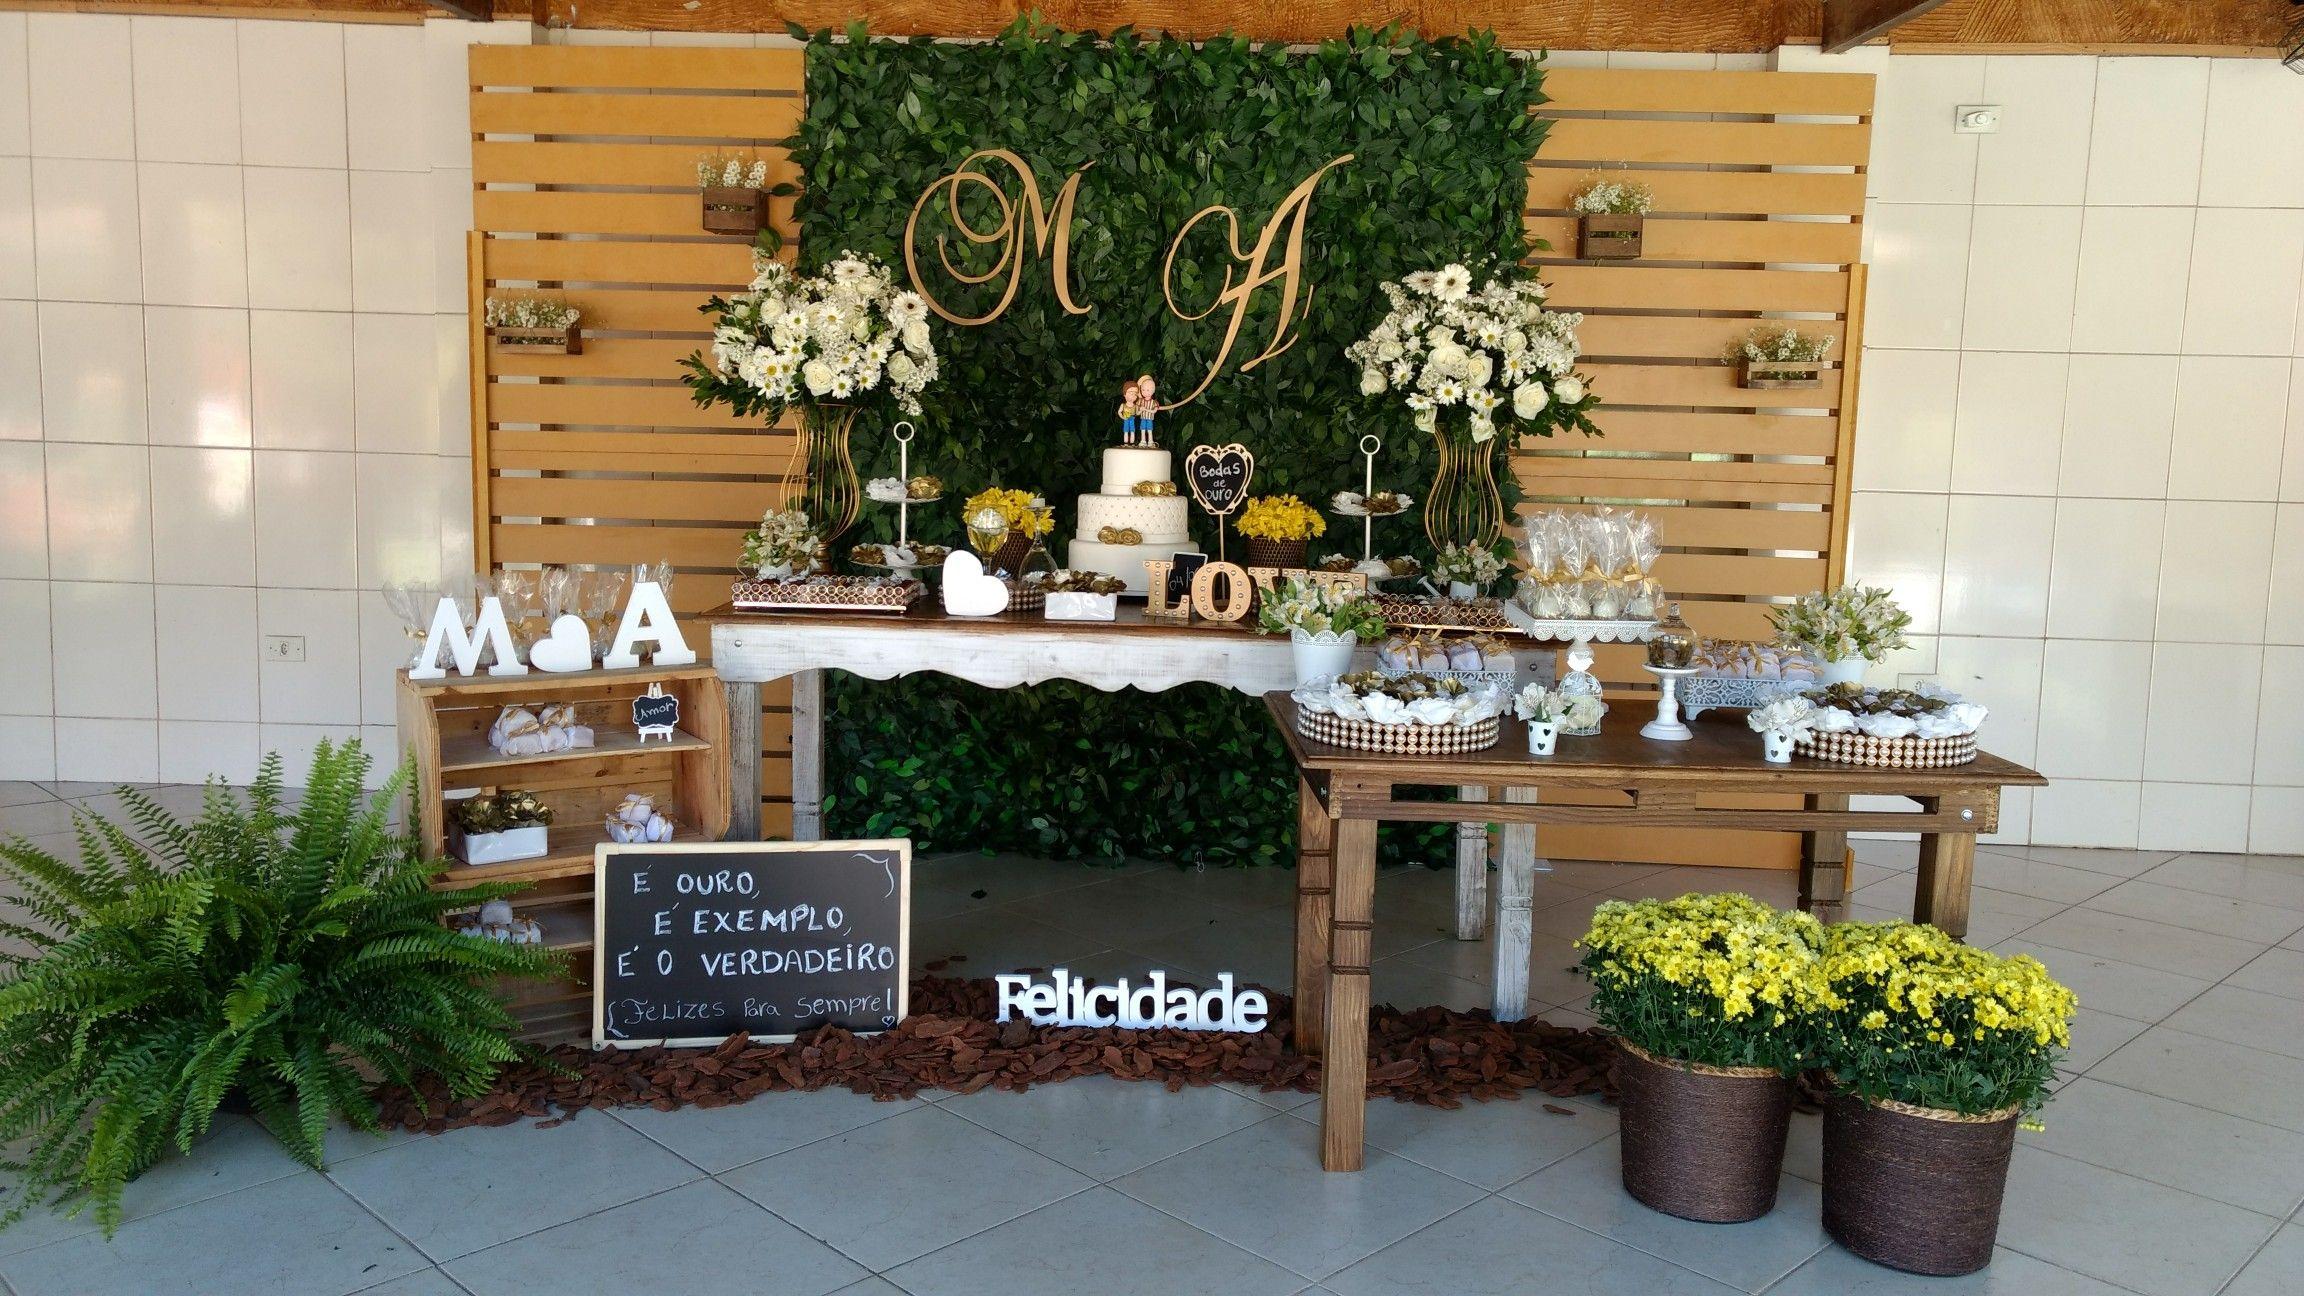 28 Pin de Talicia Pimenta em bodas de ouro   Decoração rústica, Chá ...